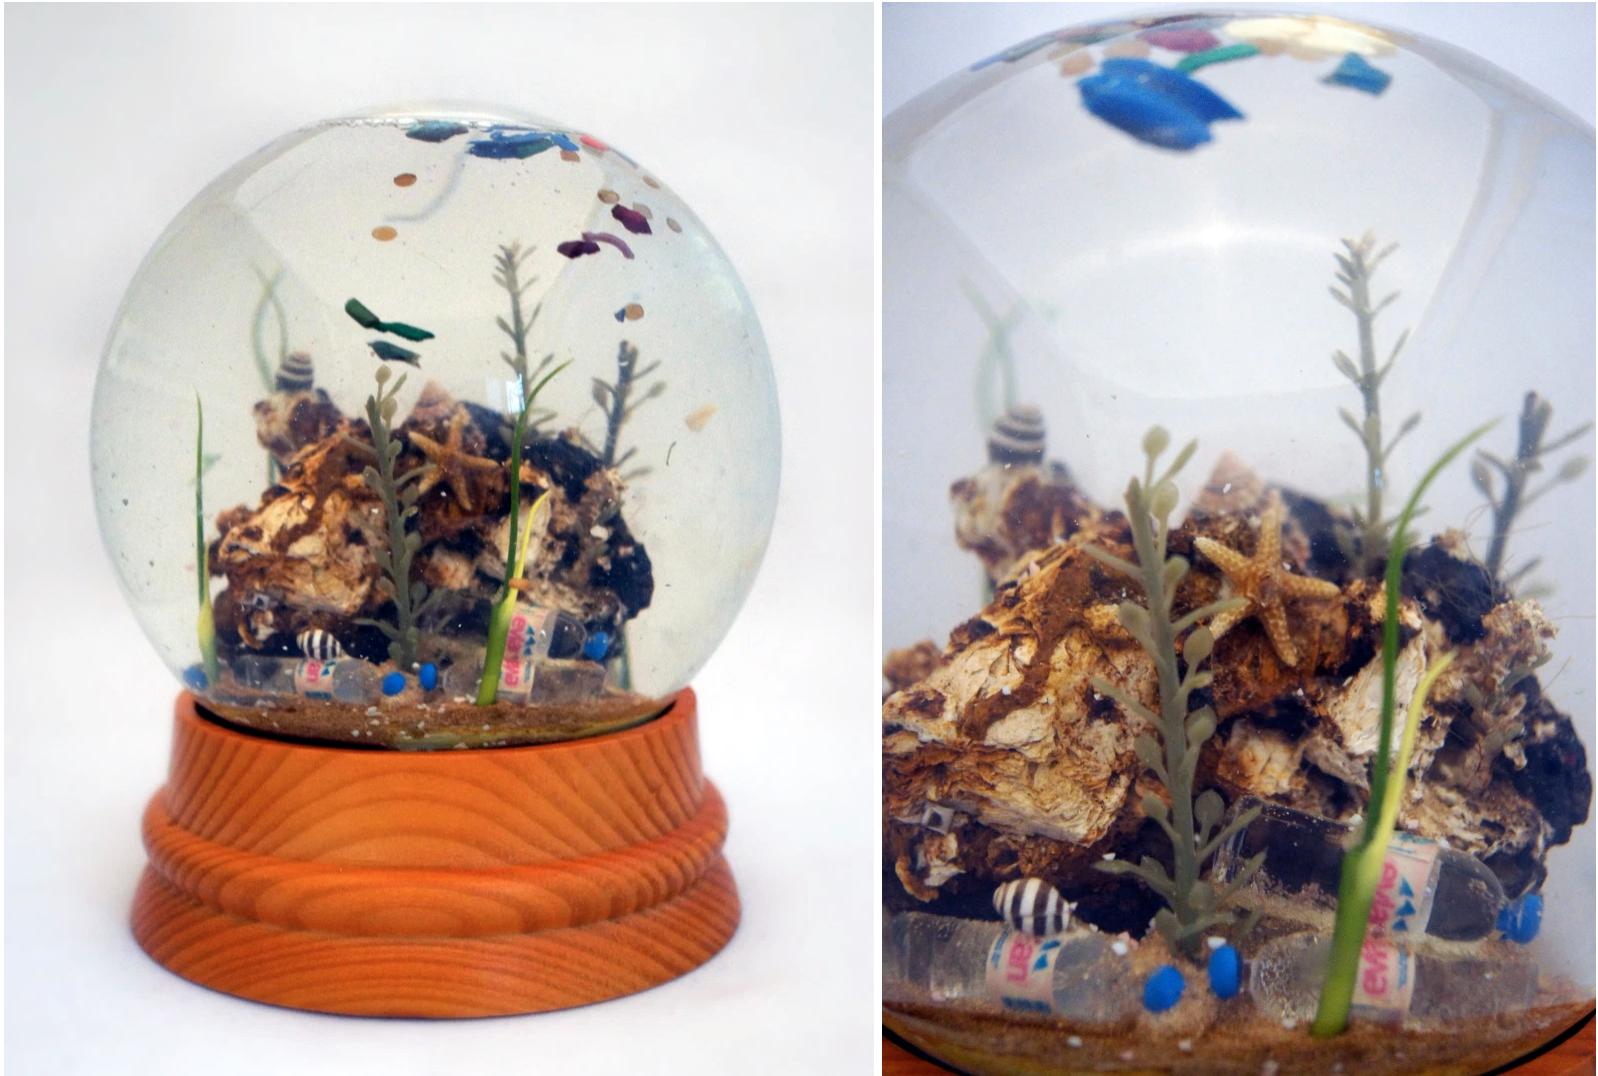 Sea Globes by Max Liboiron